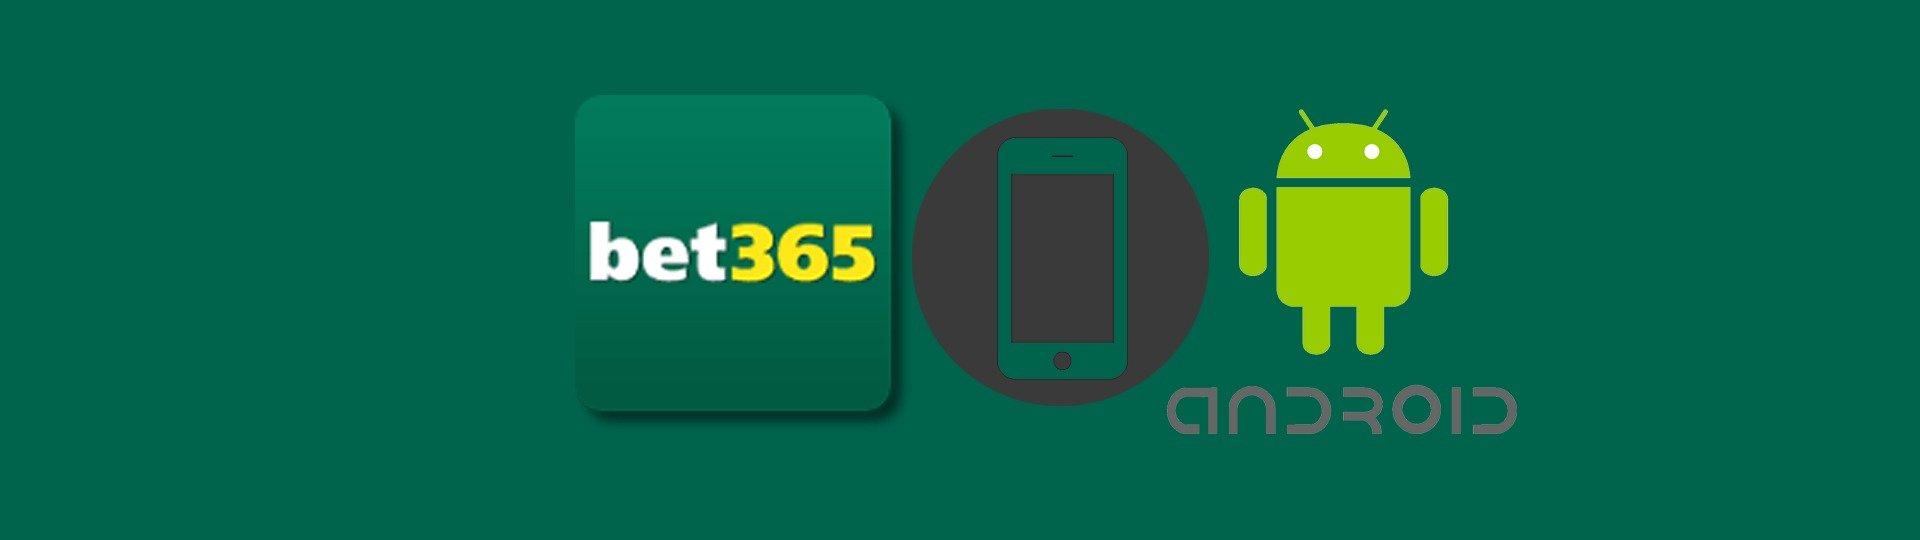 Мобильное приложение bet365 на Android